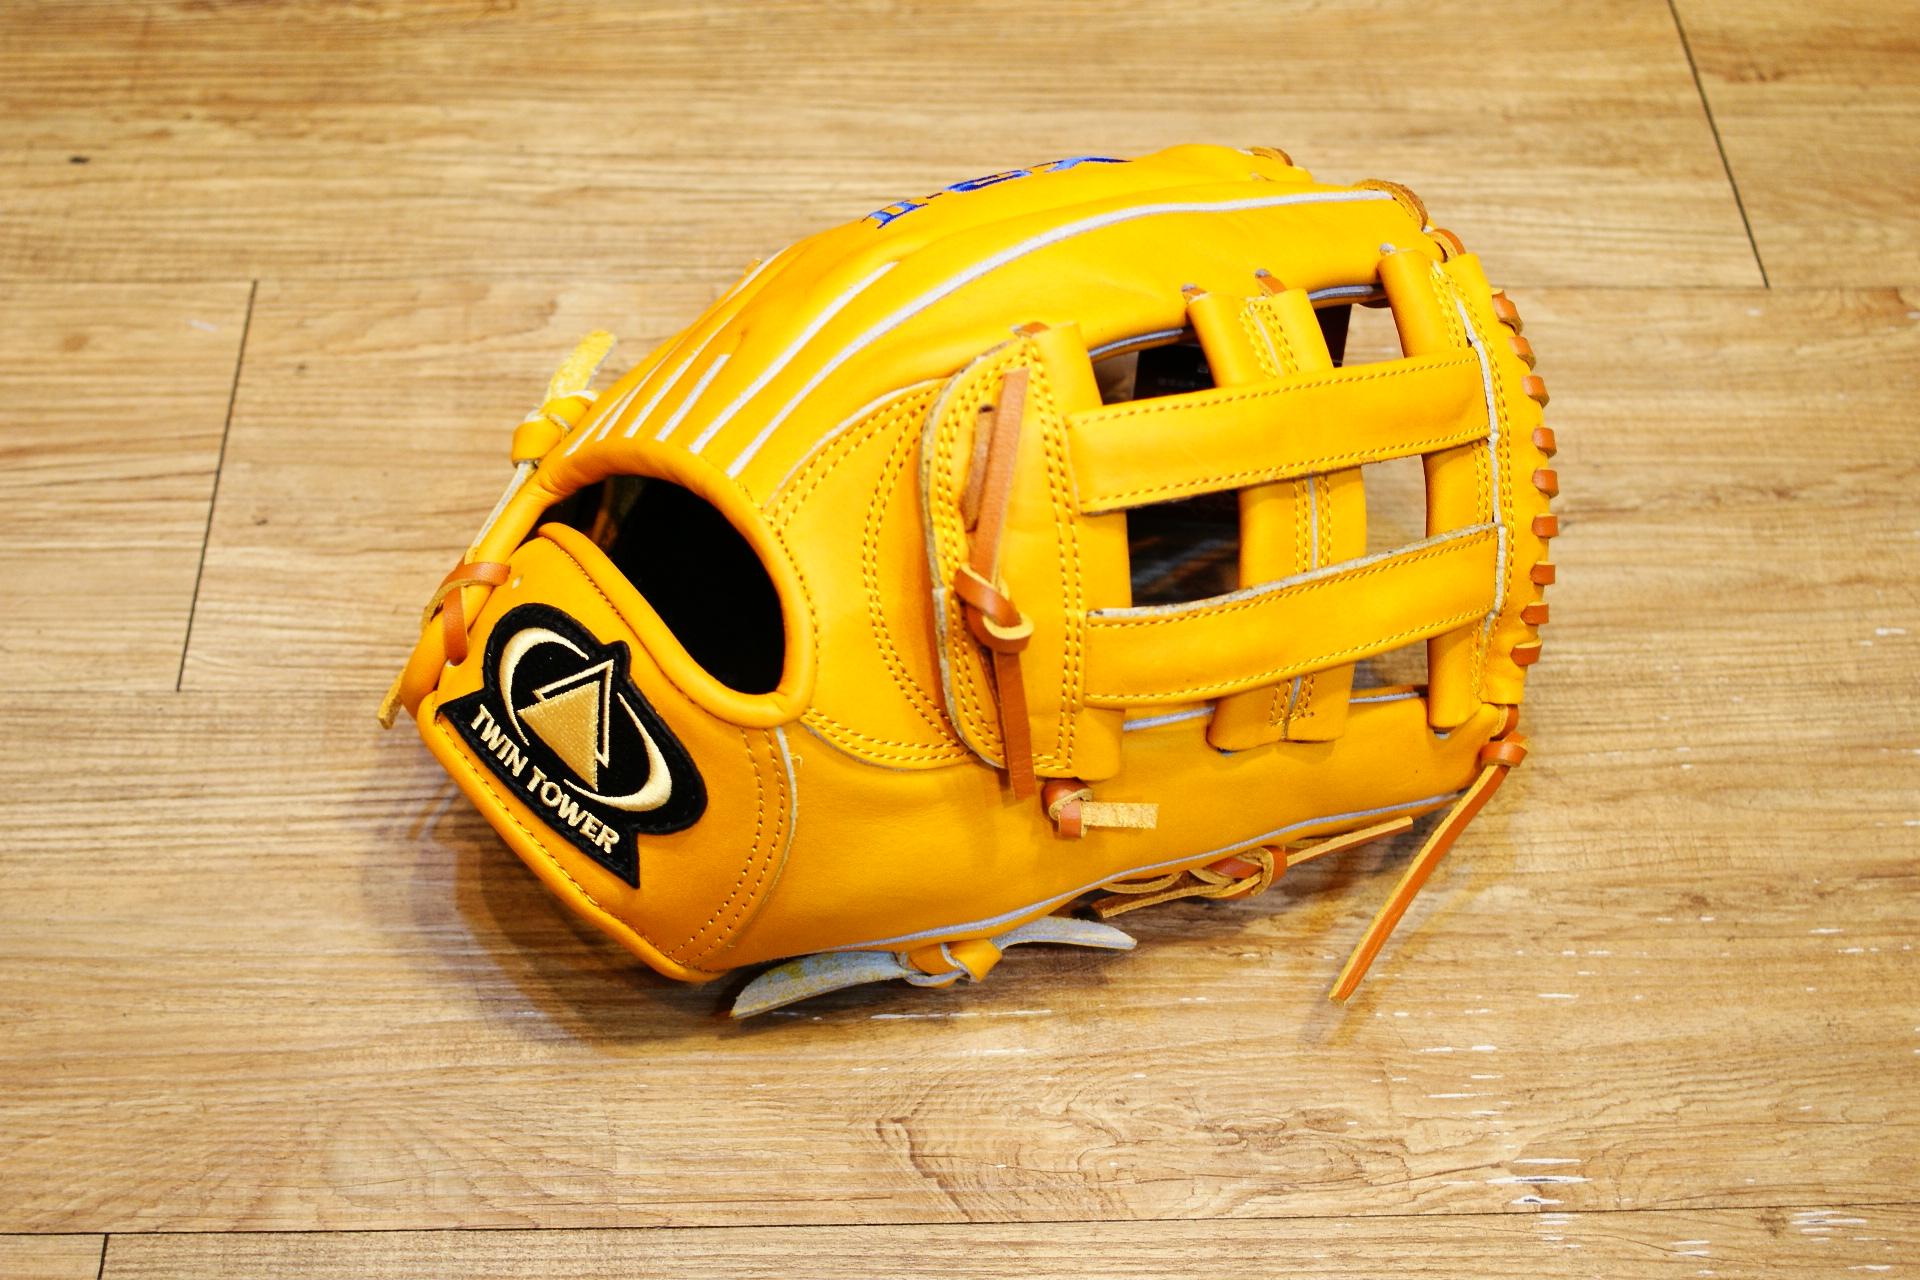 棒球世界 全新雙塔 X3 職棒級牛皮 棒壘手套 內野井字特價 限量原皮黃色款